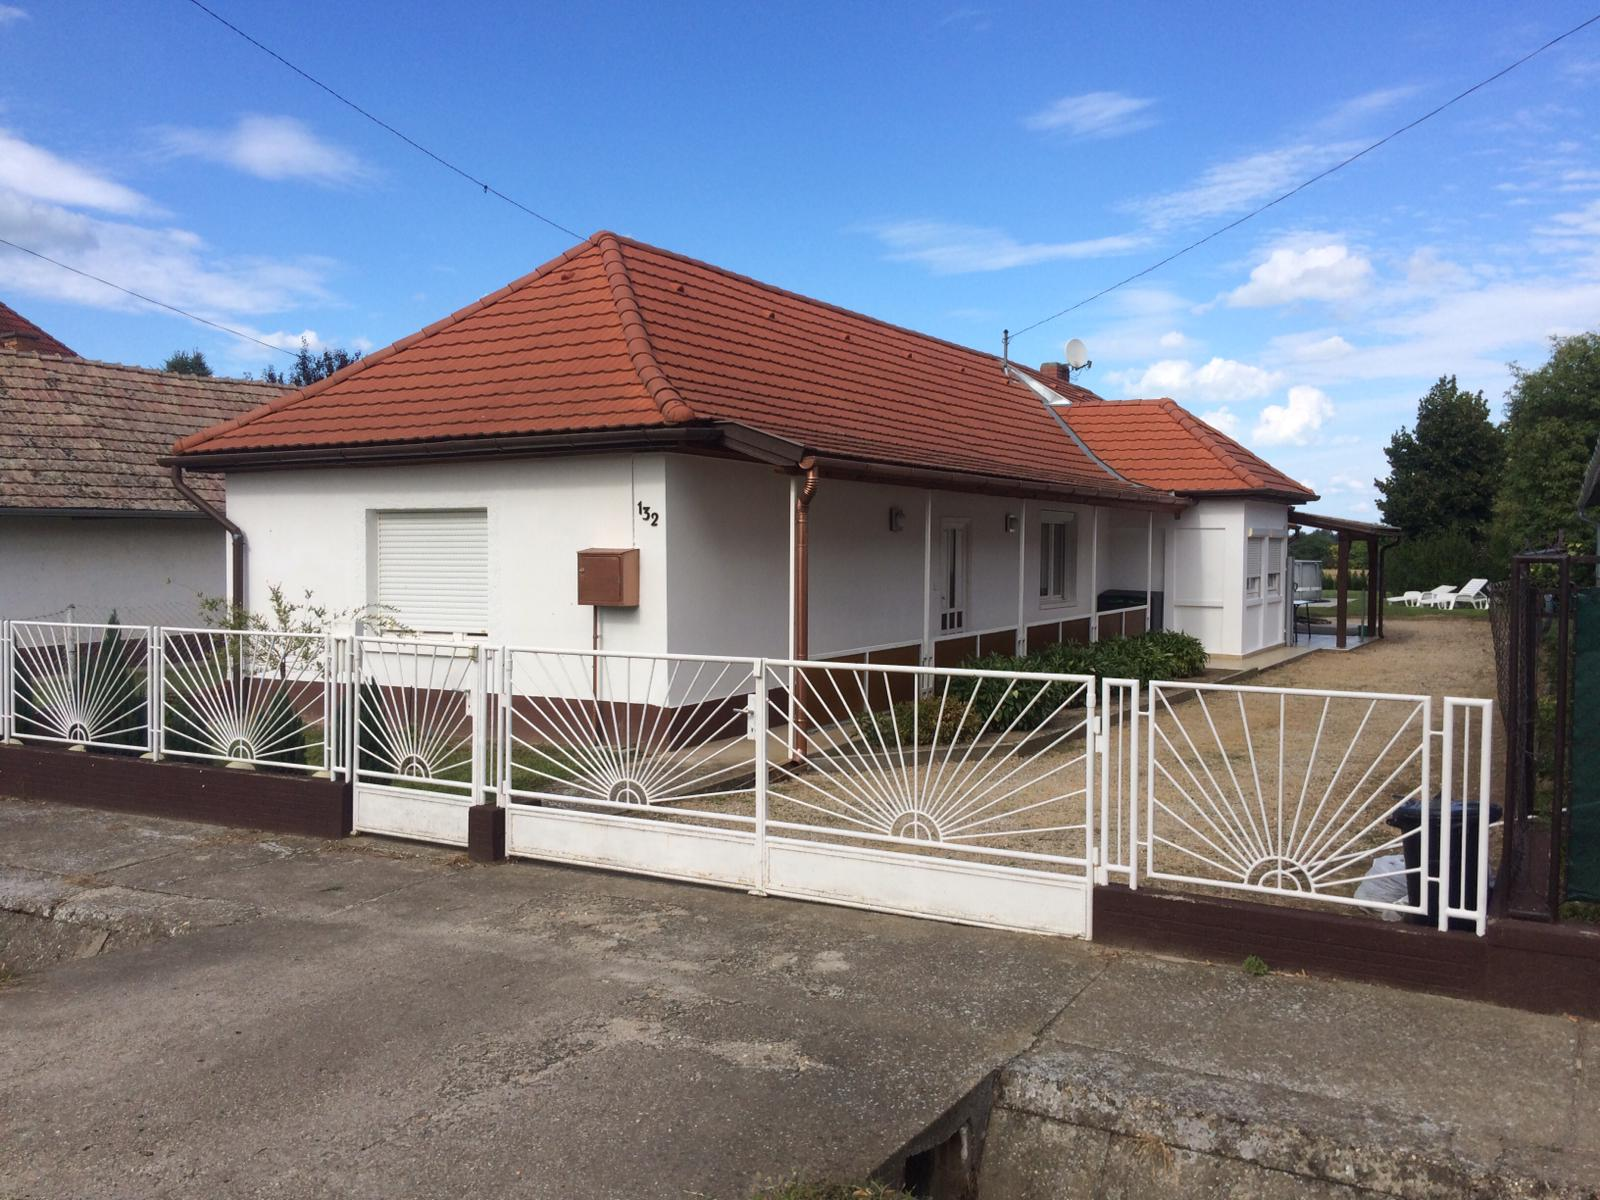 OBJEKT 300  Schönes Ferienhaus mit Pool,Wlan und Waschmaschine für 5 Personen